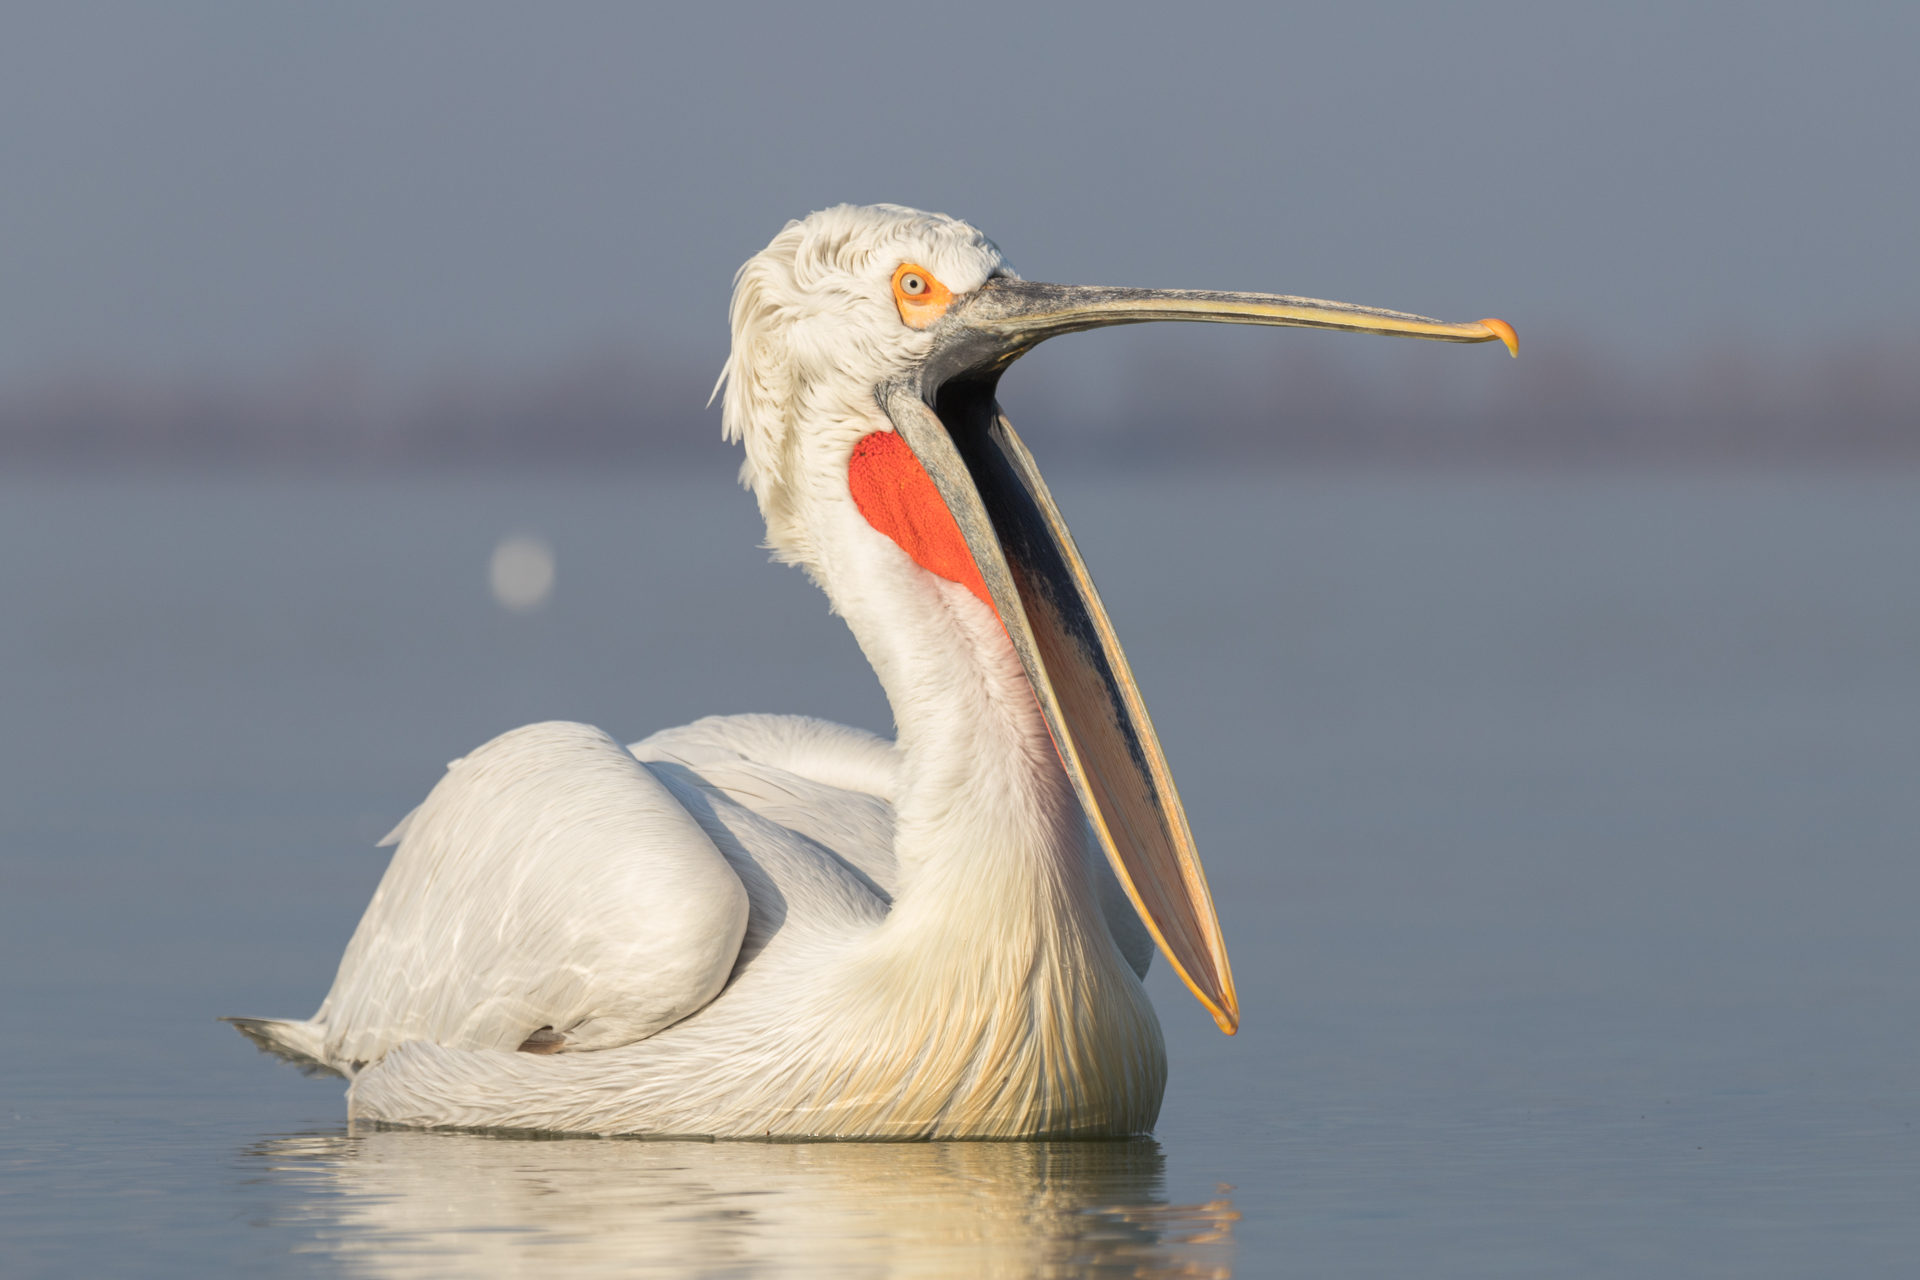 Pelikany kędzierzawe / Dalmatian pelicans, Kerkini Lake 2018 - 7